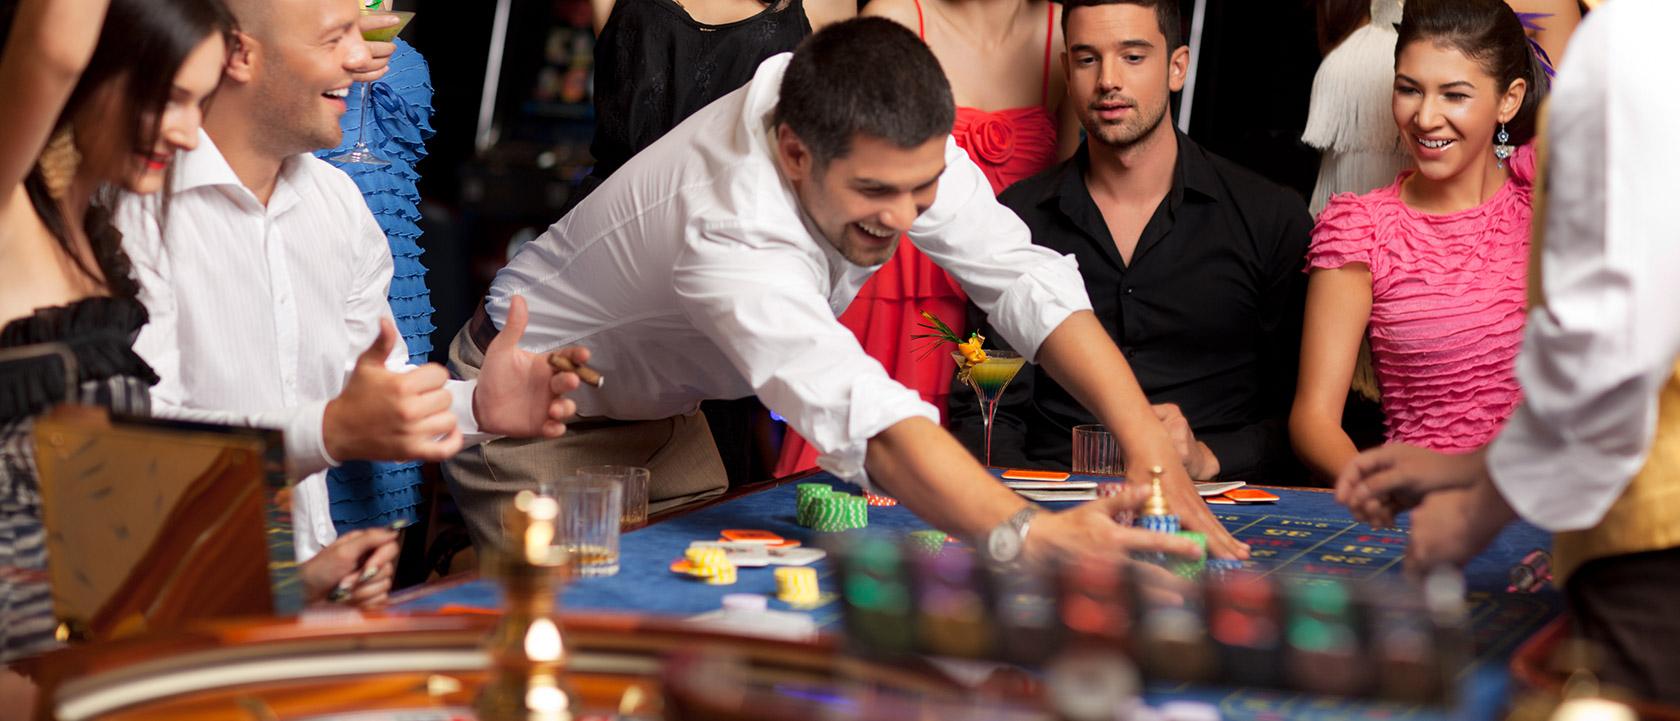 Poker på nätet